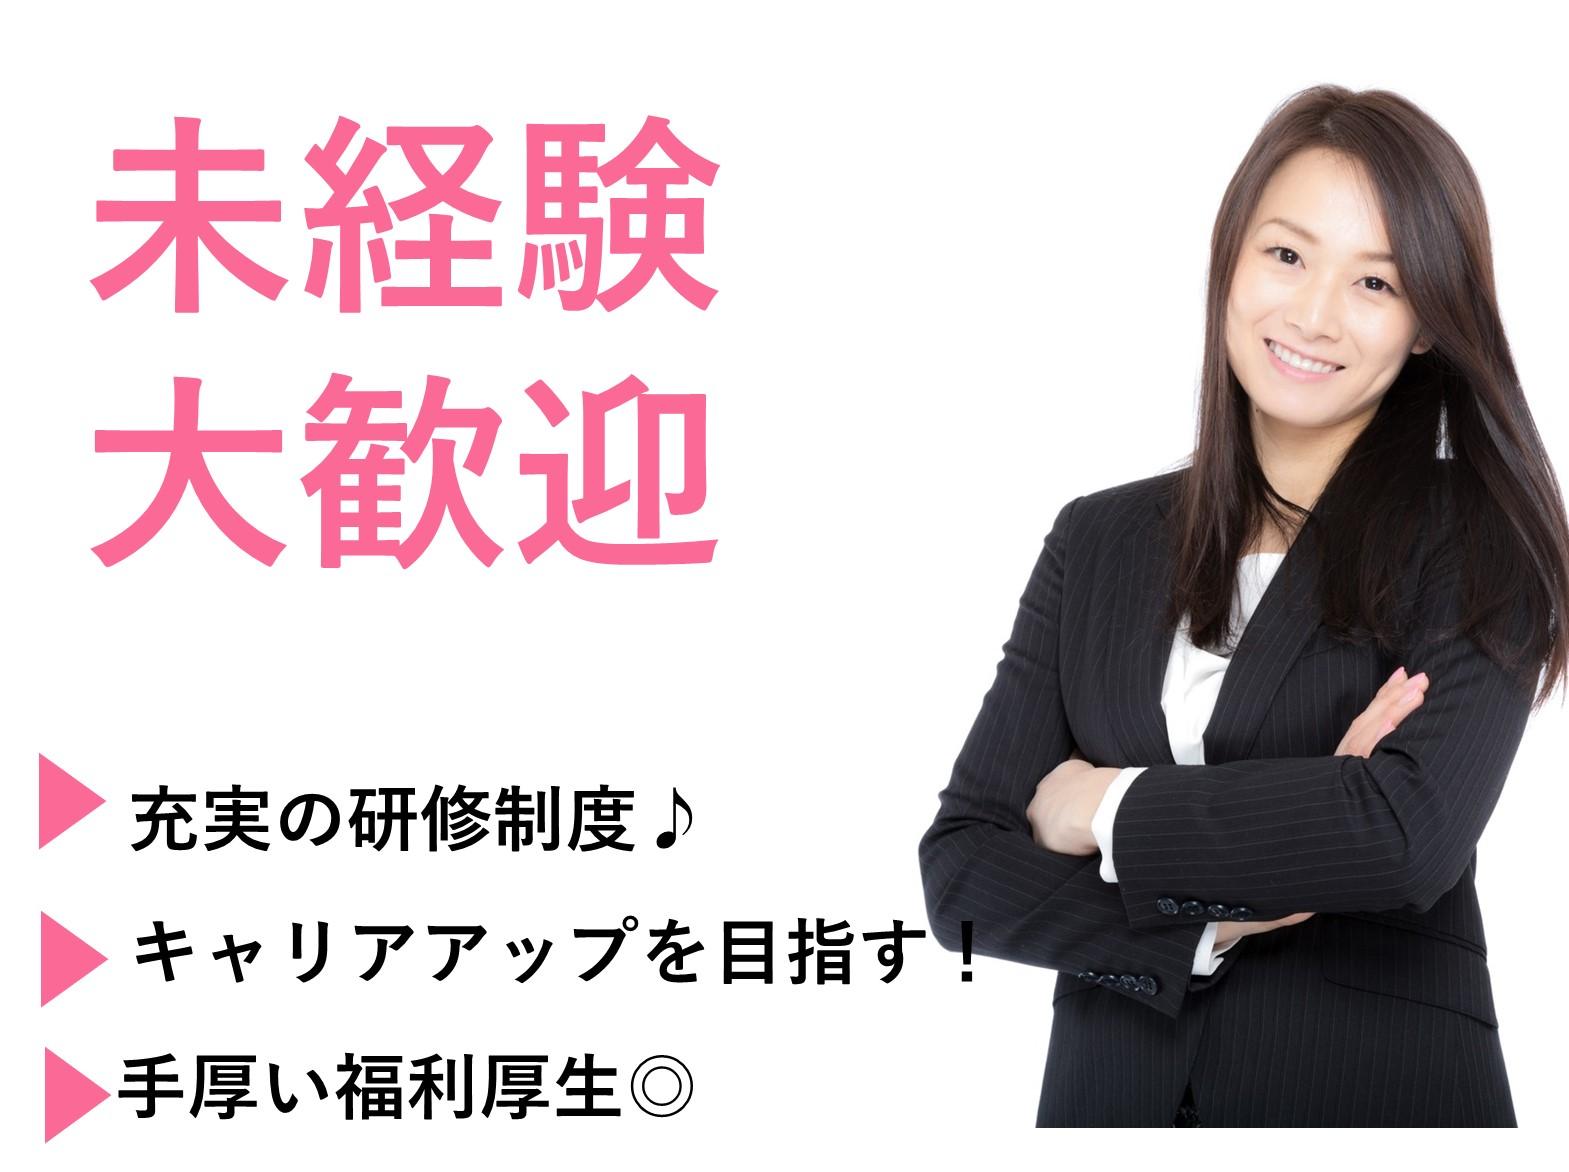 店舗運営スタッフ◎急募【正社員】キャリアもプライベートも充実! イメージ